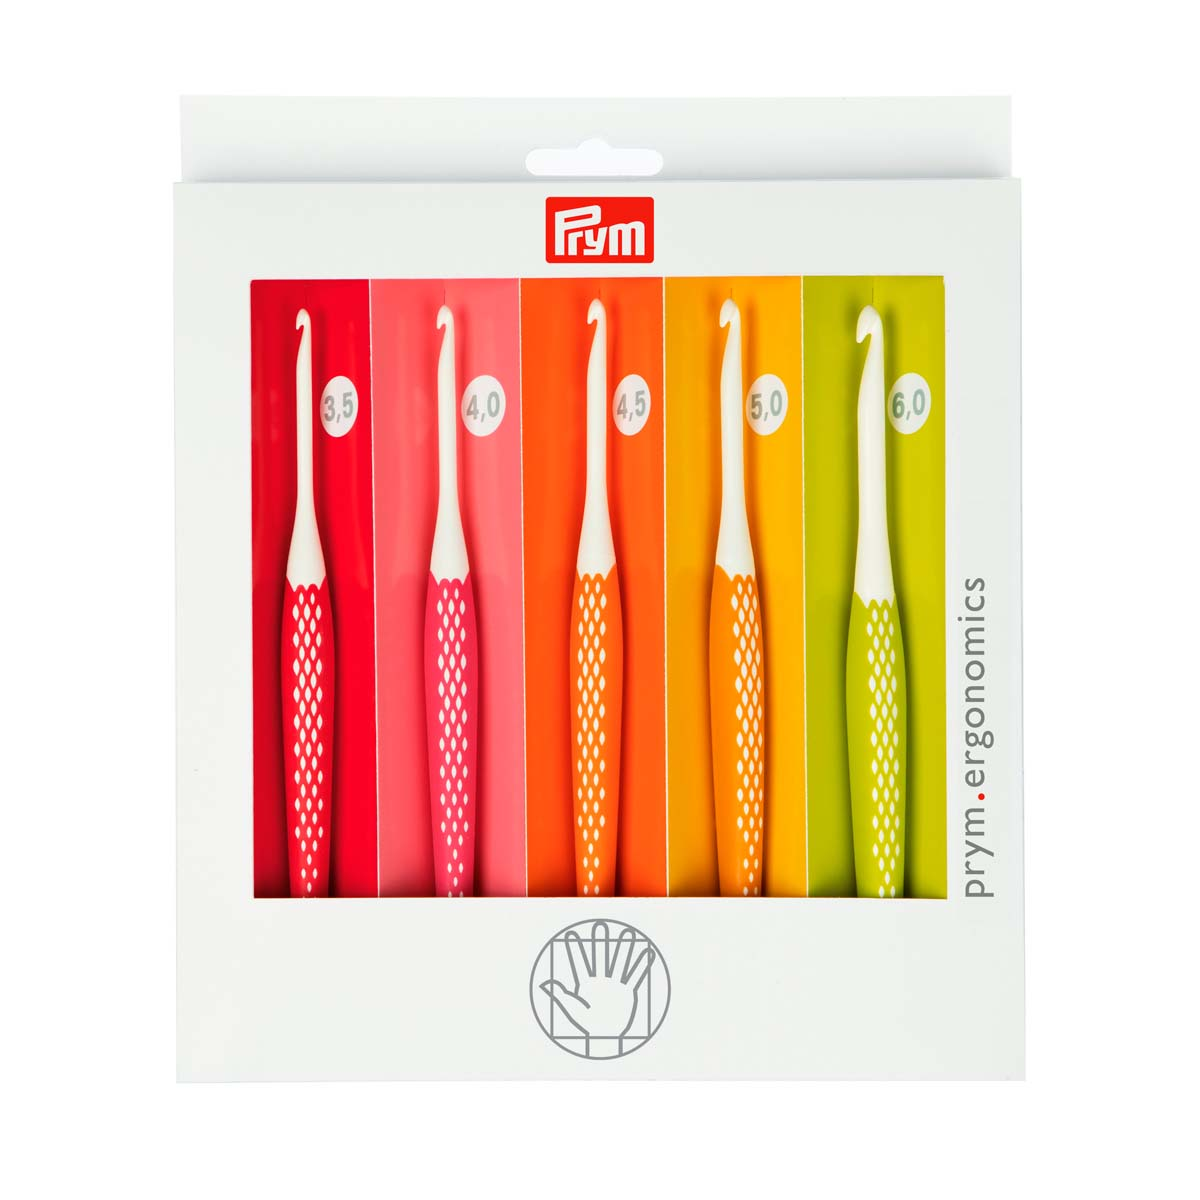 218440 Набор крючков для вязания Ergonomics, 3.5-6.0 мм, Prym